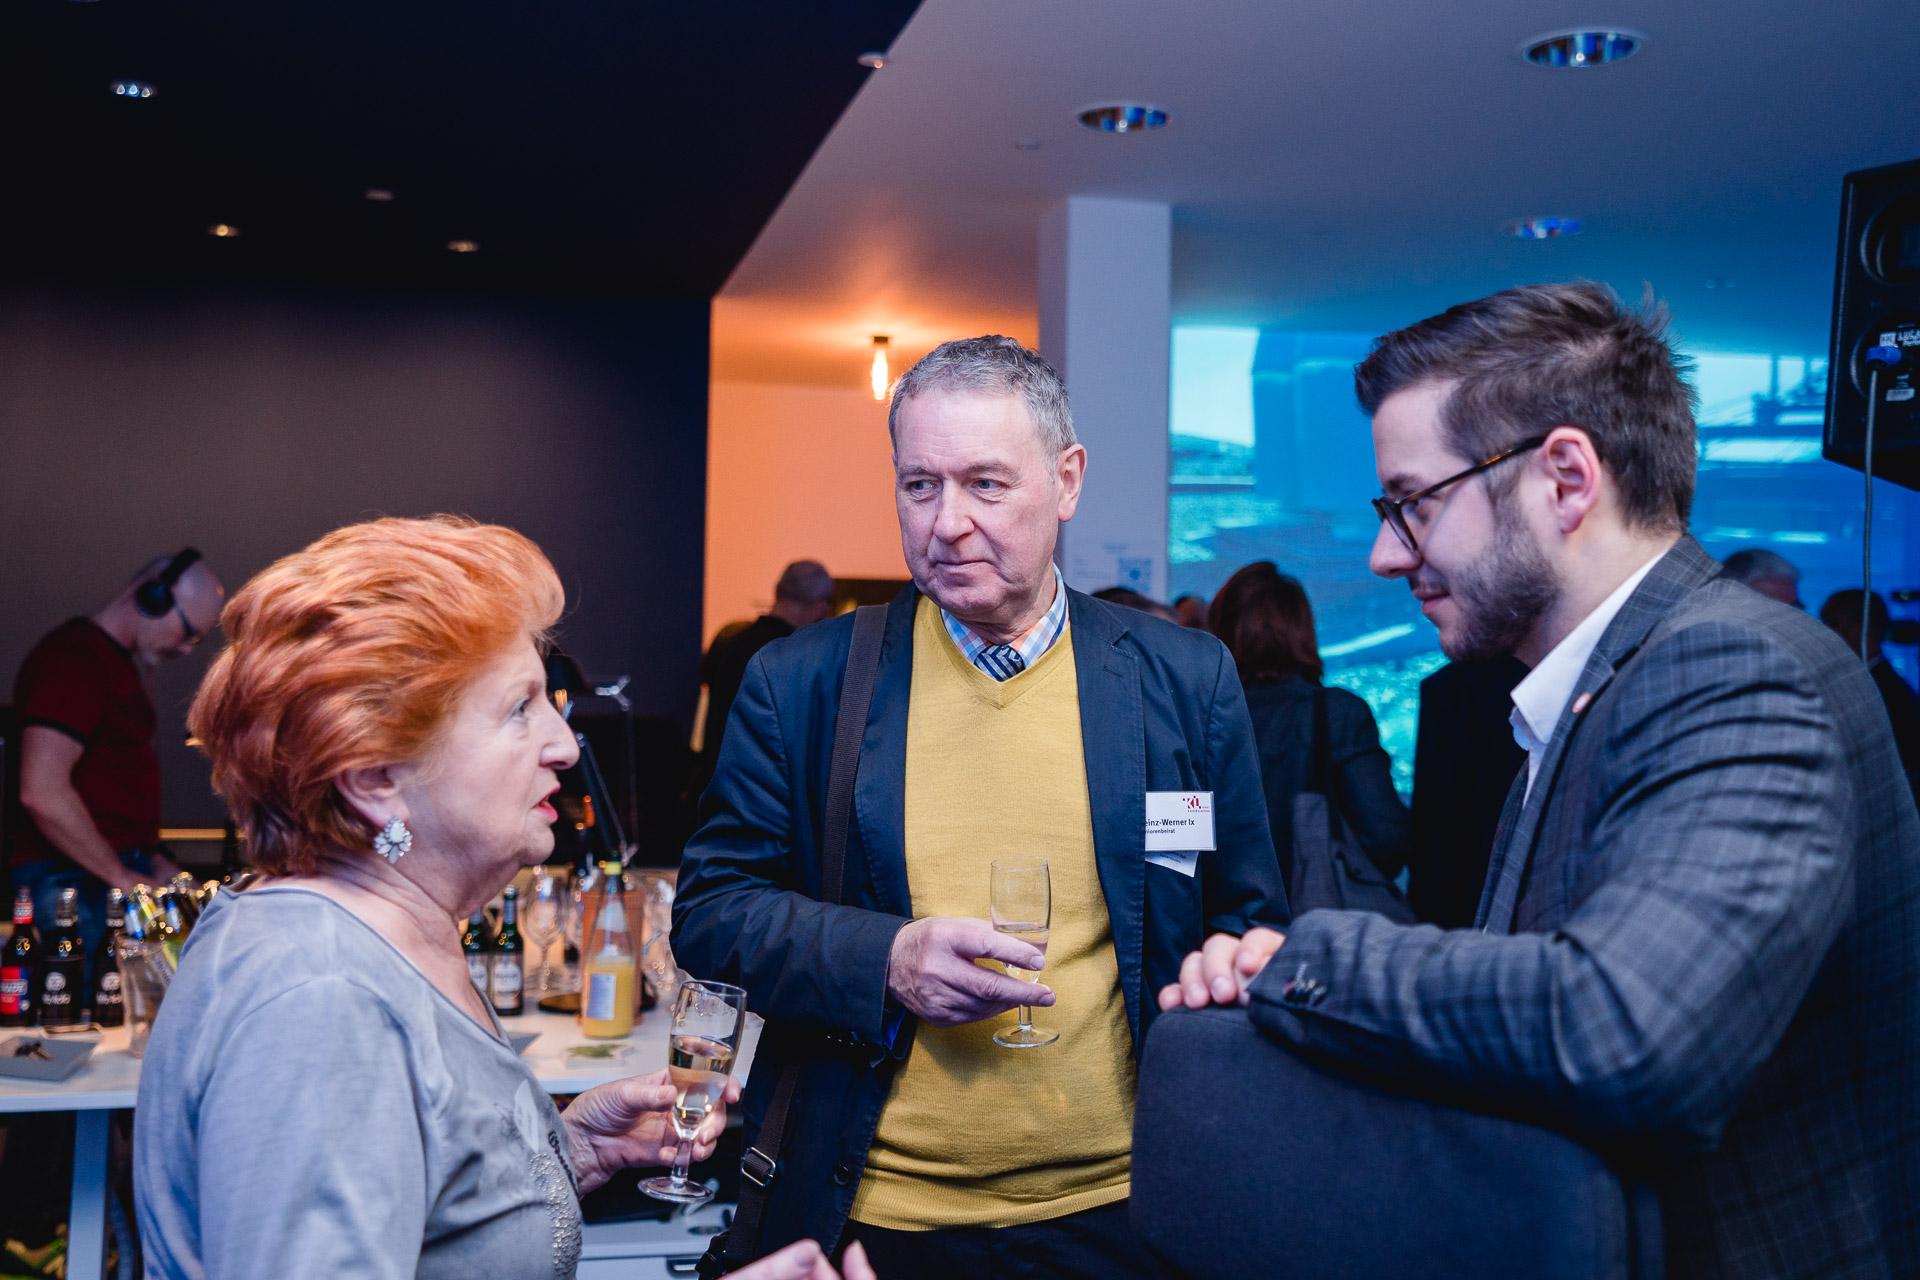 Drei Personen (eine Frau und zwei Männer) stehen auf einer Feier beieinander und unterhalten sich.